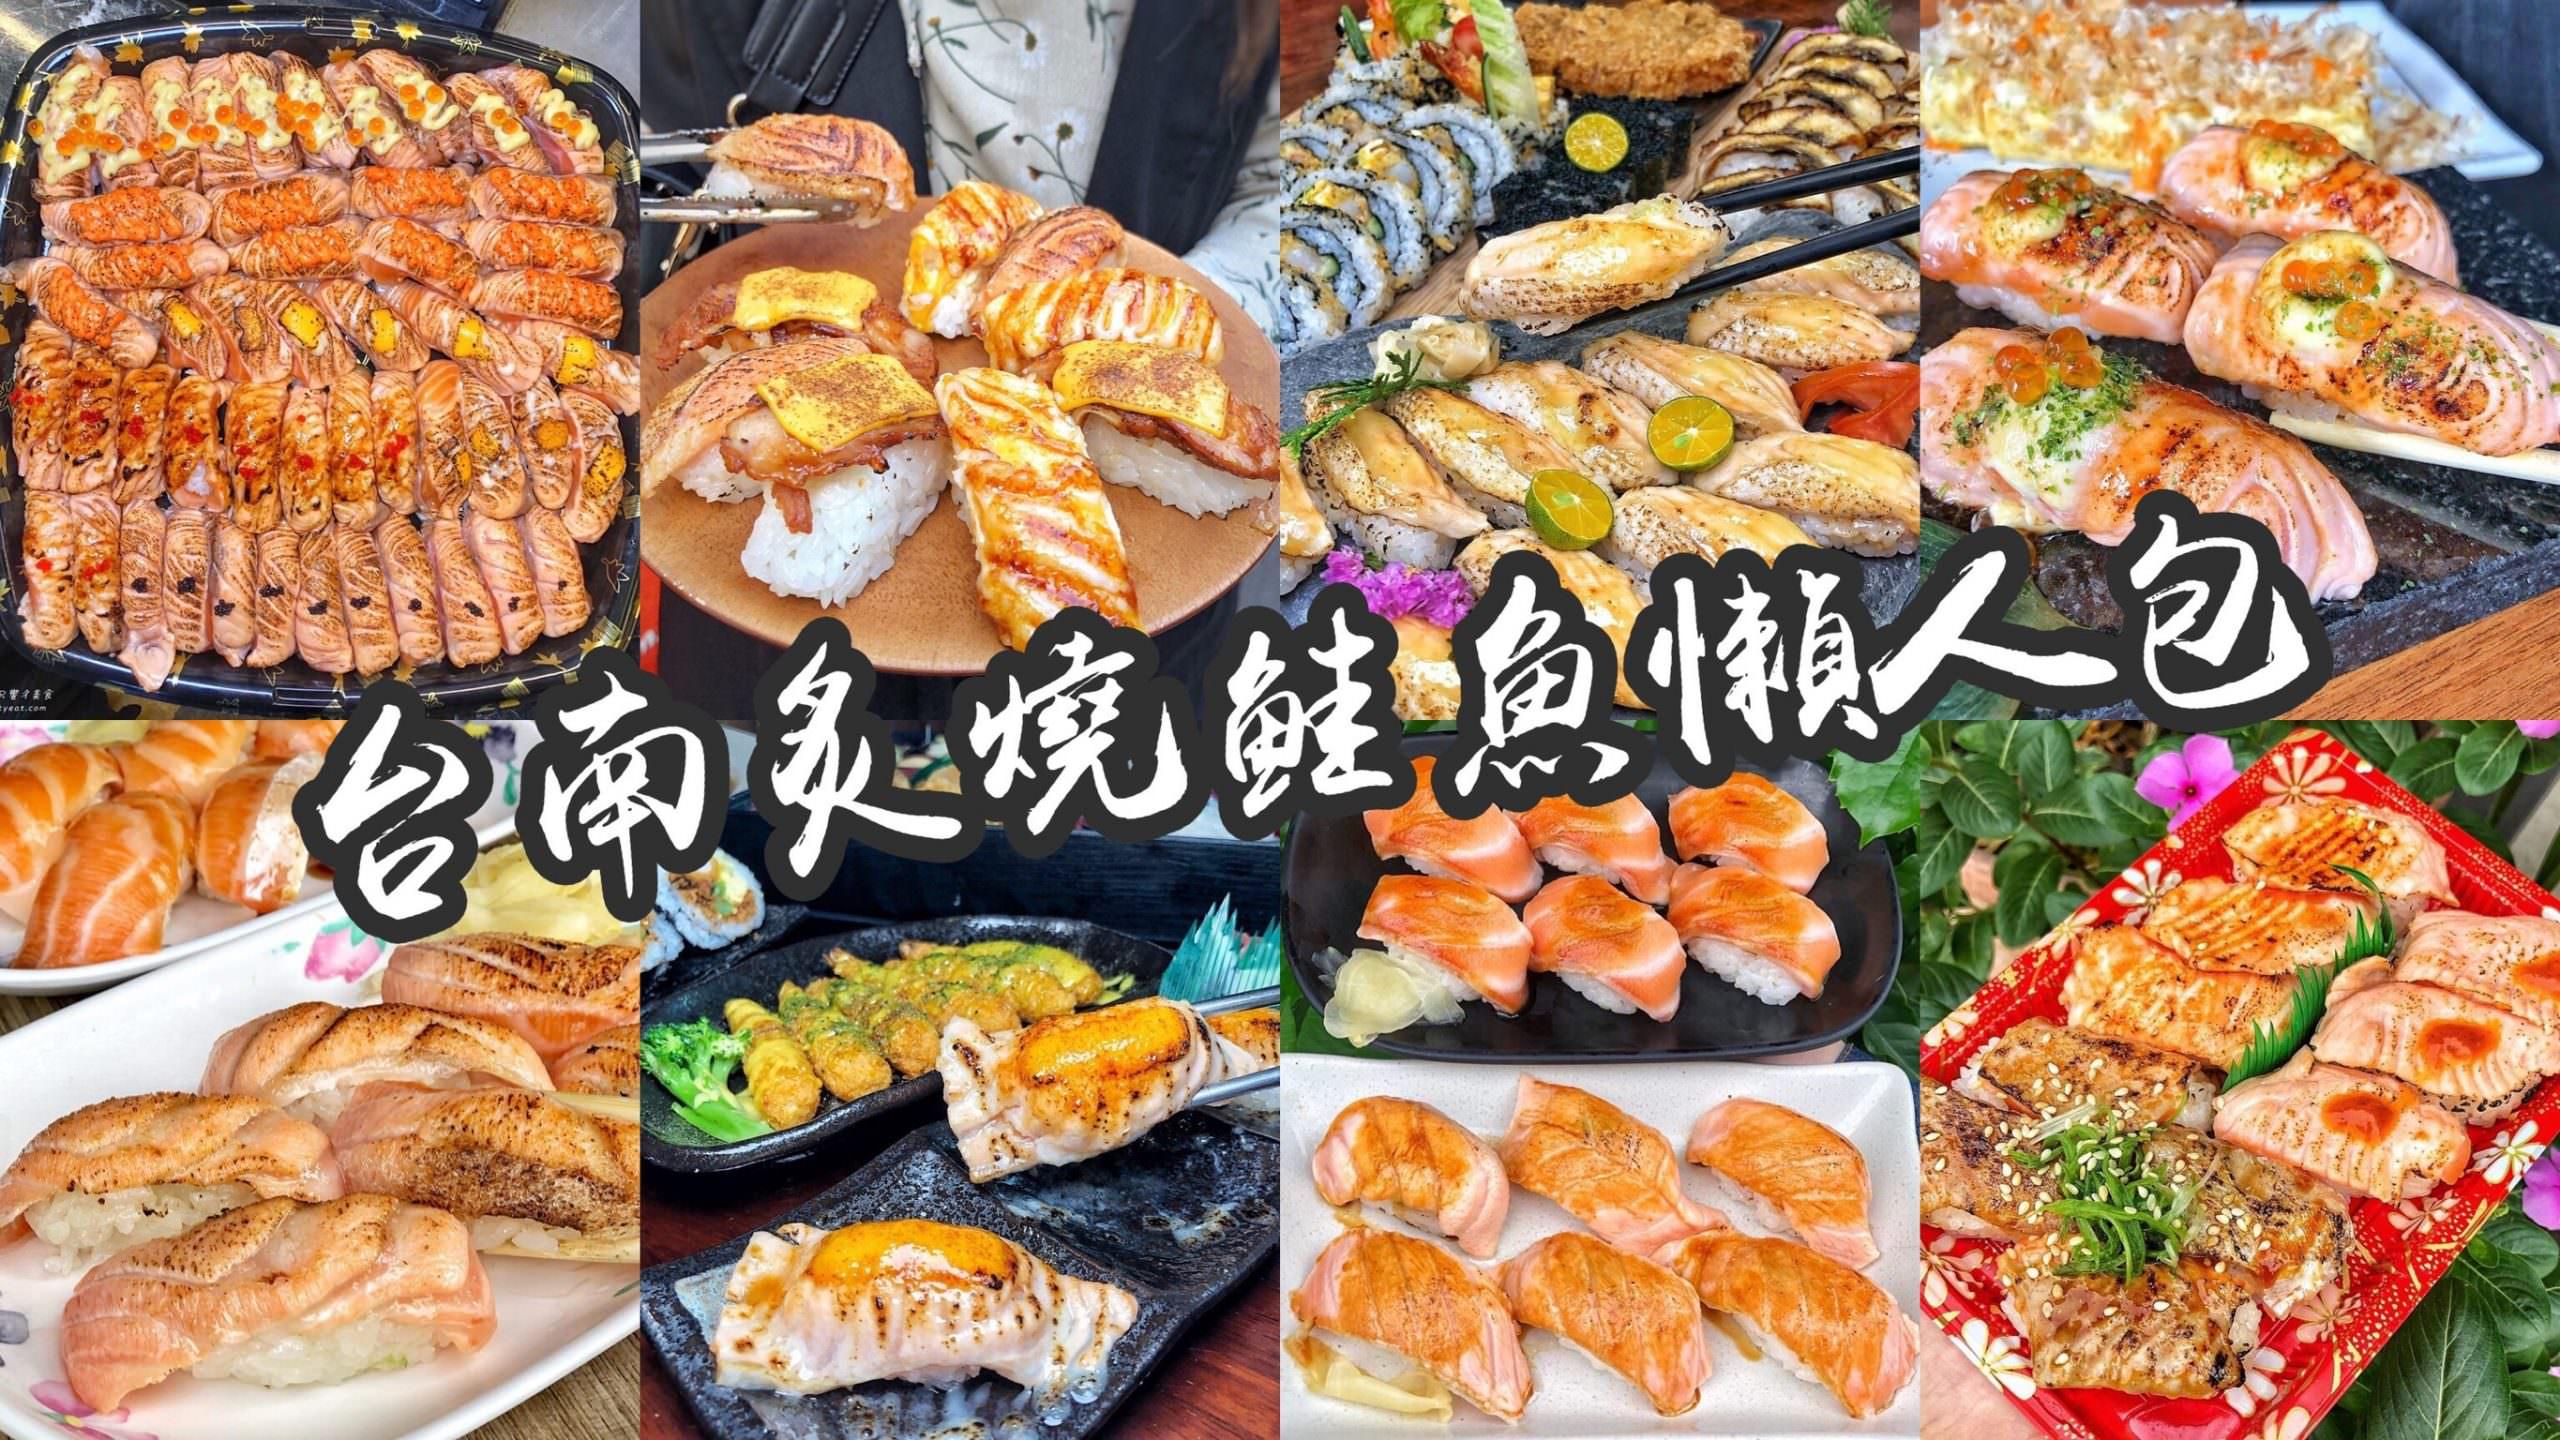 【台南美食】鮭魚控必收藏!台南炙燒鮭魚懶人包|全台最狂50貫炙燒鮭魚/炙燒鮭魚一貫15元?(持續更新中)